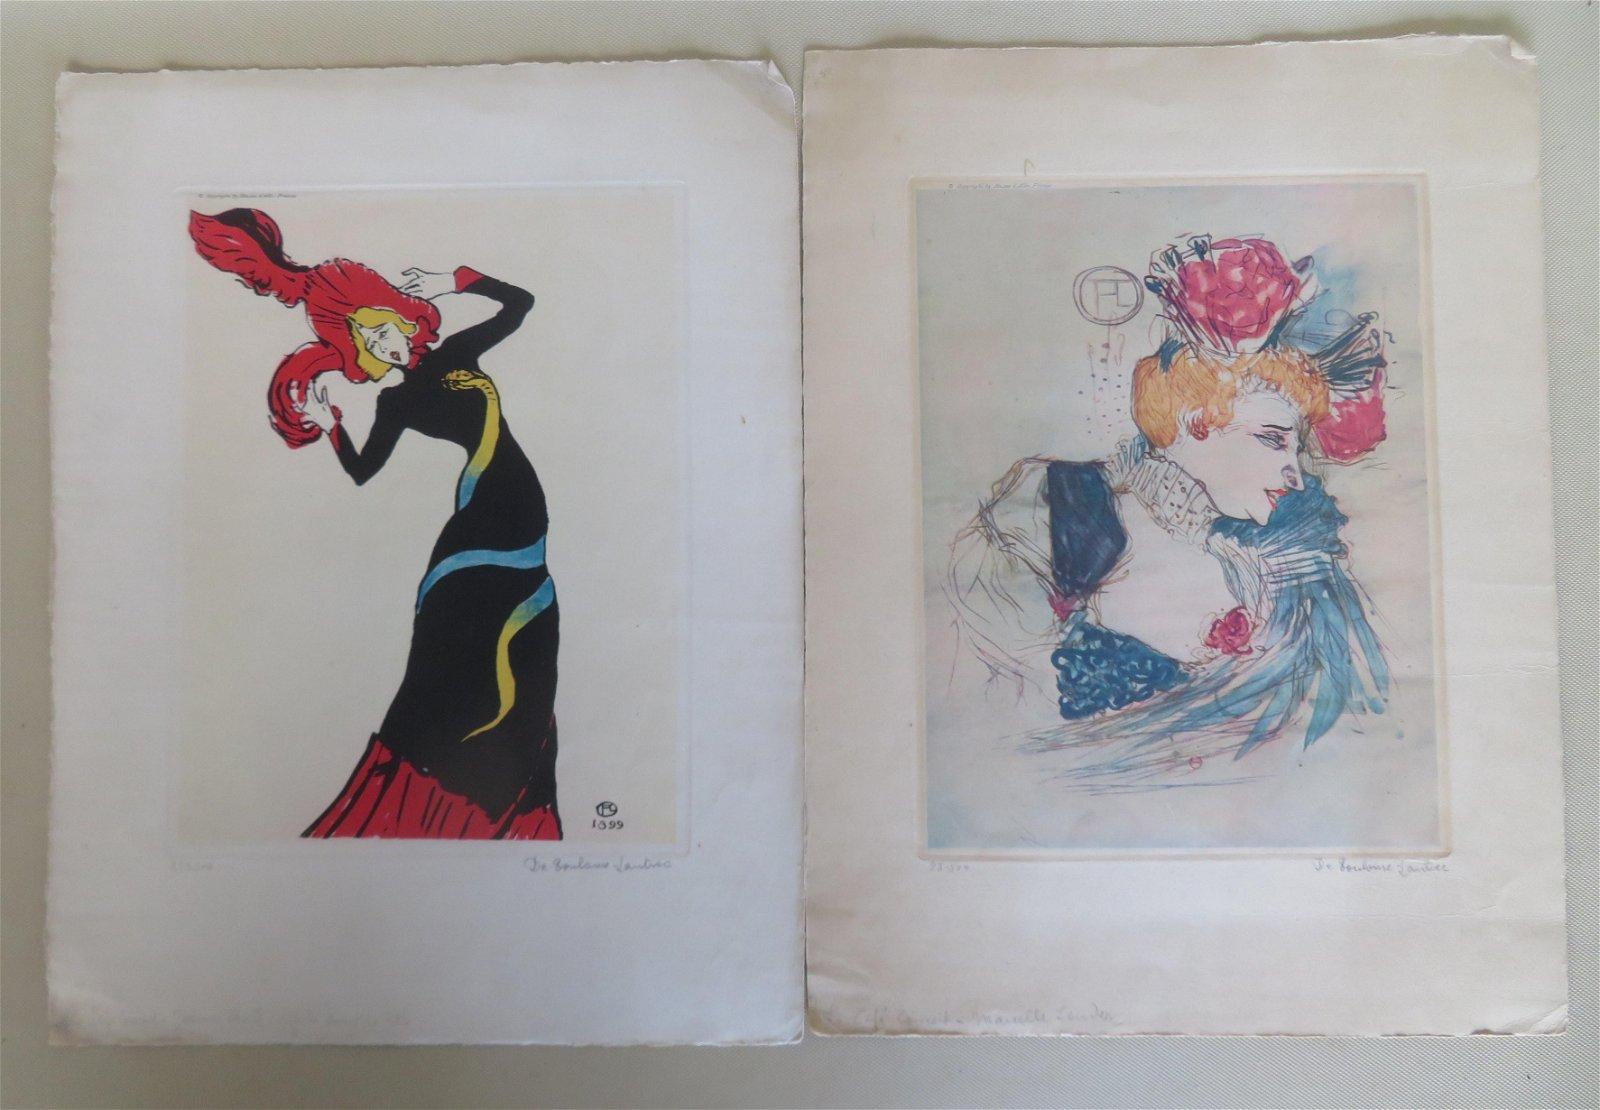 Two limited edition Henri de Toulouse-Lautrec